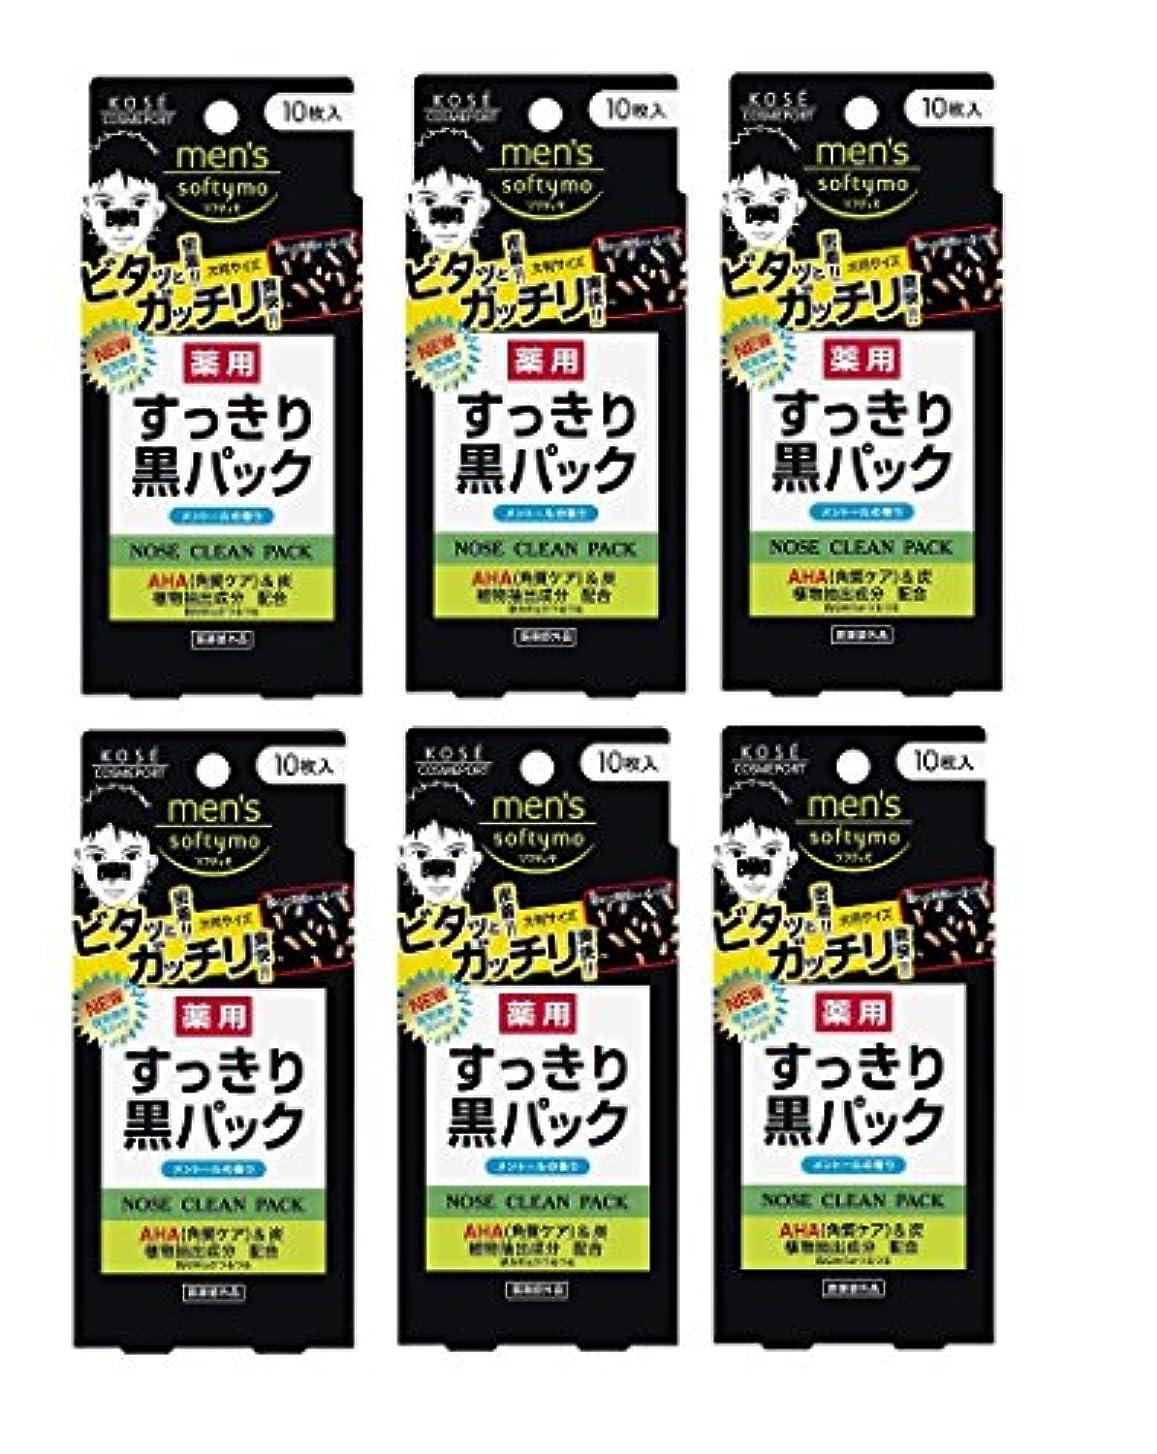 【まとめ買い】KOSE コーセー メンズ ソフティモ 薬用 黒パック 10枚入 (医薬部外品)×6個